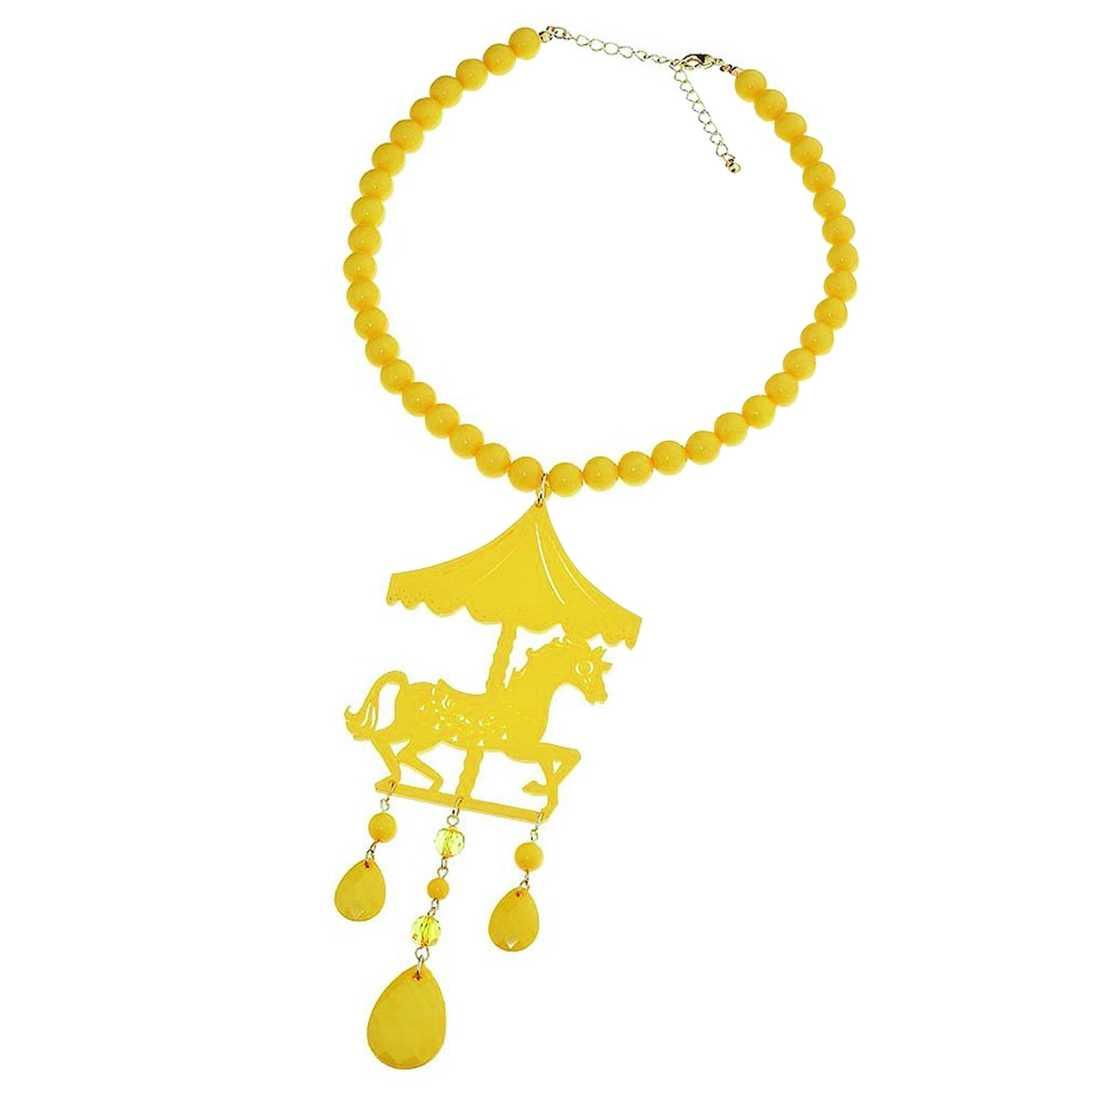 Med detta knallgula karusellhalsband drar du garanterat allas blickar till dig. Finns på www.topshop.com för cirka 135 kronor.